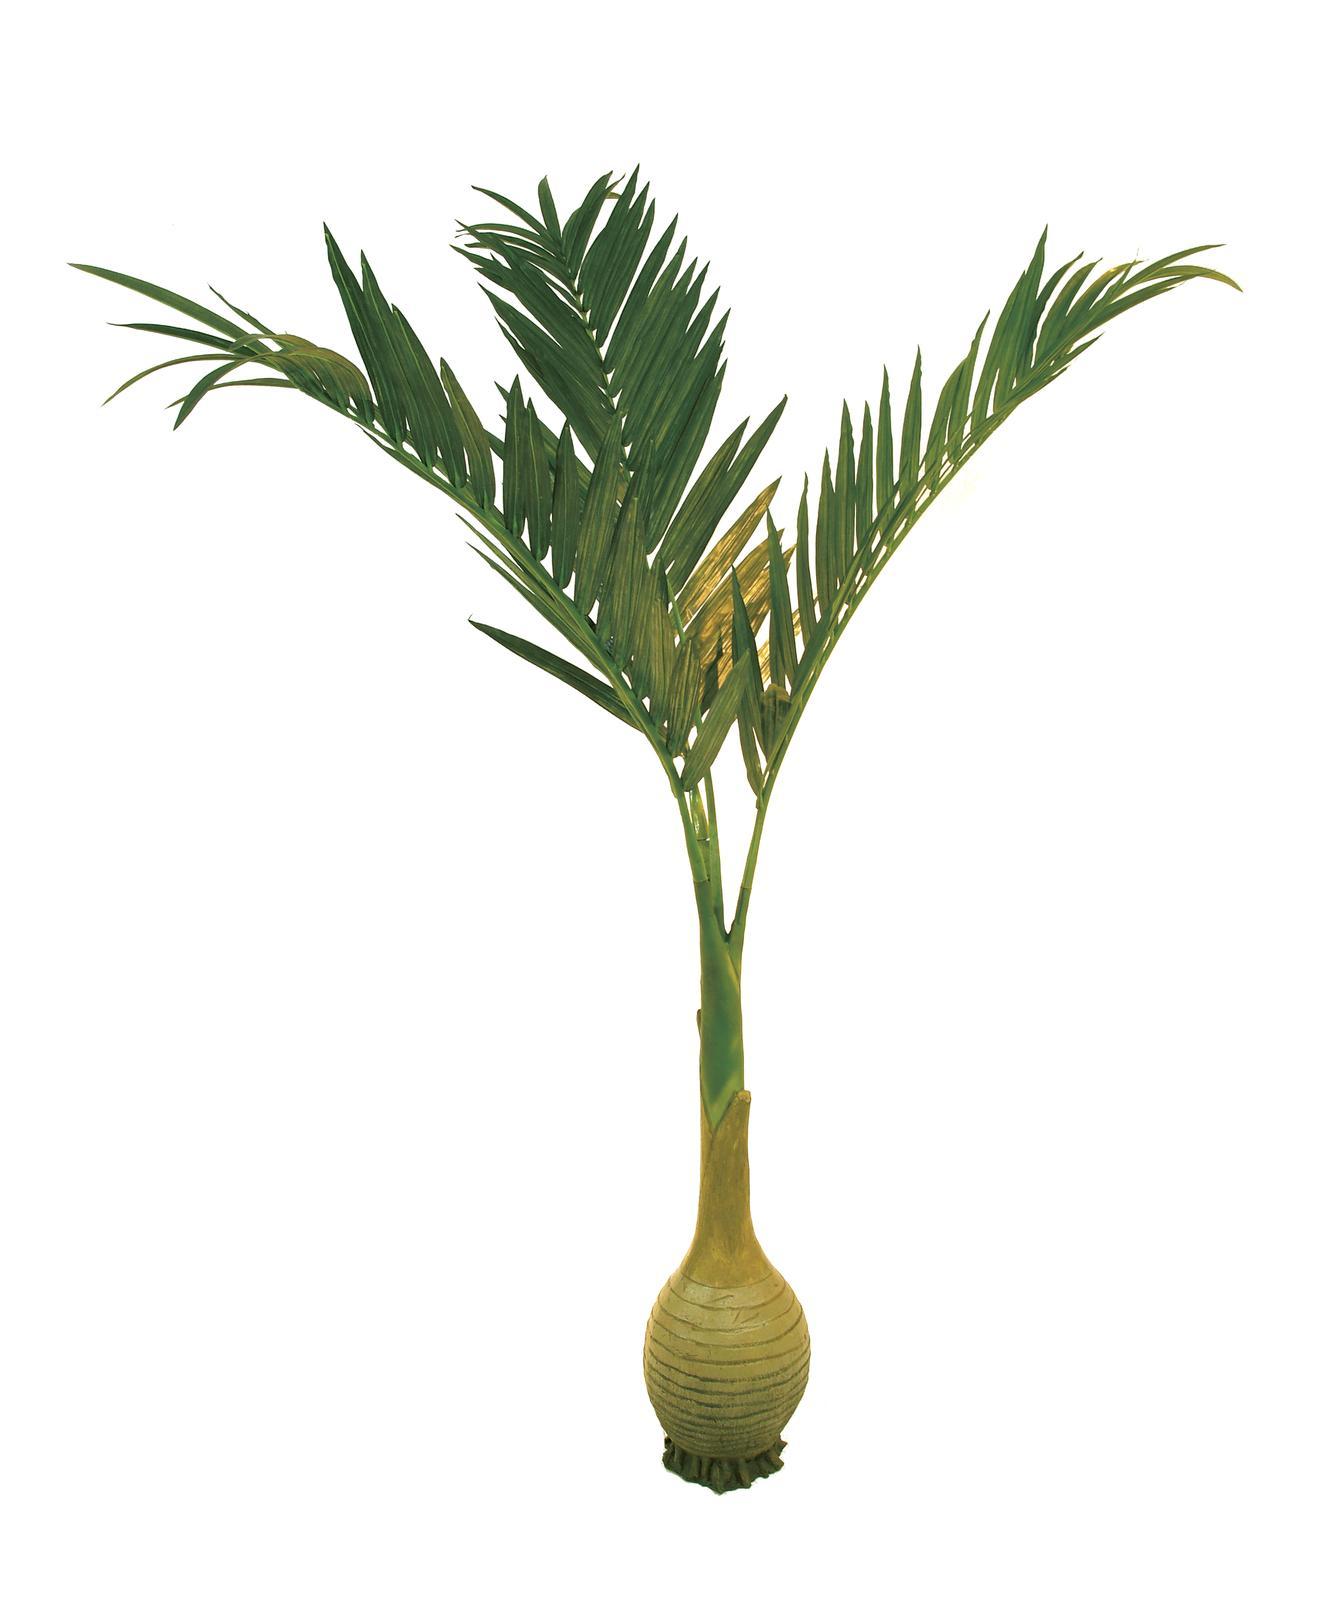 Image of   Kunstig palmetræ med flaskeformet stamme, 300 cm